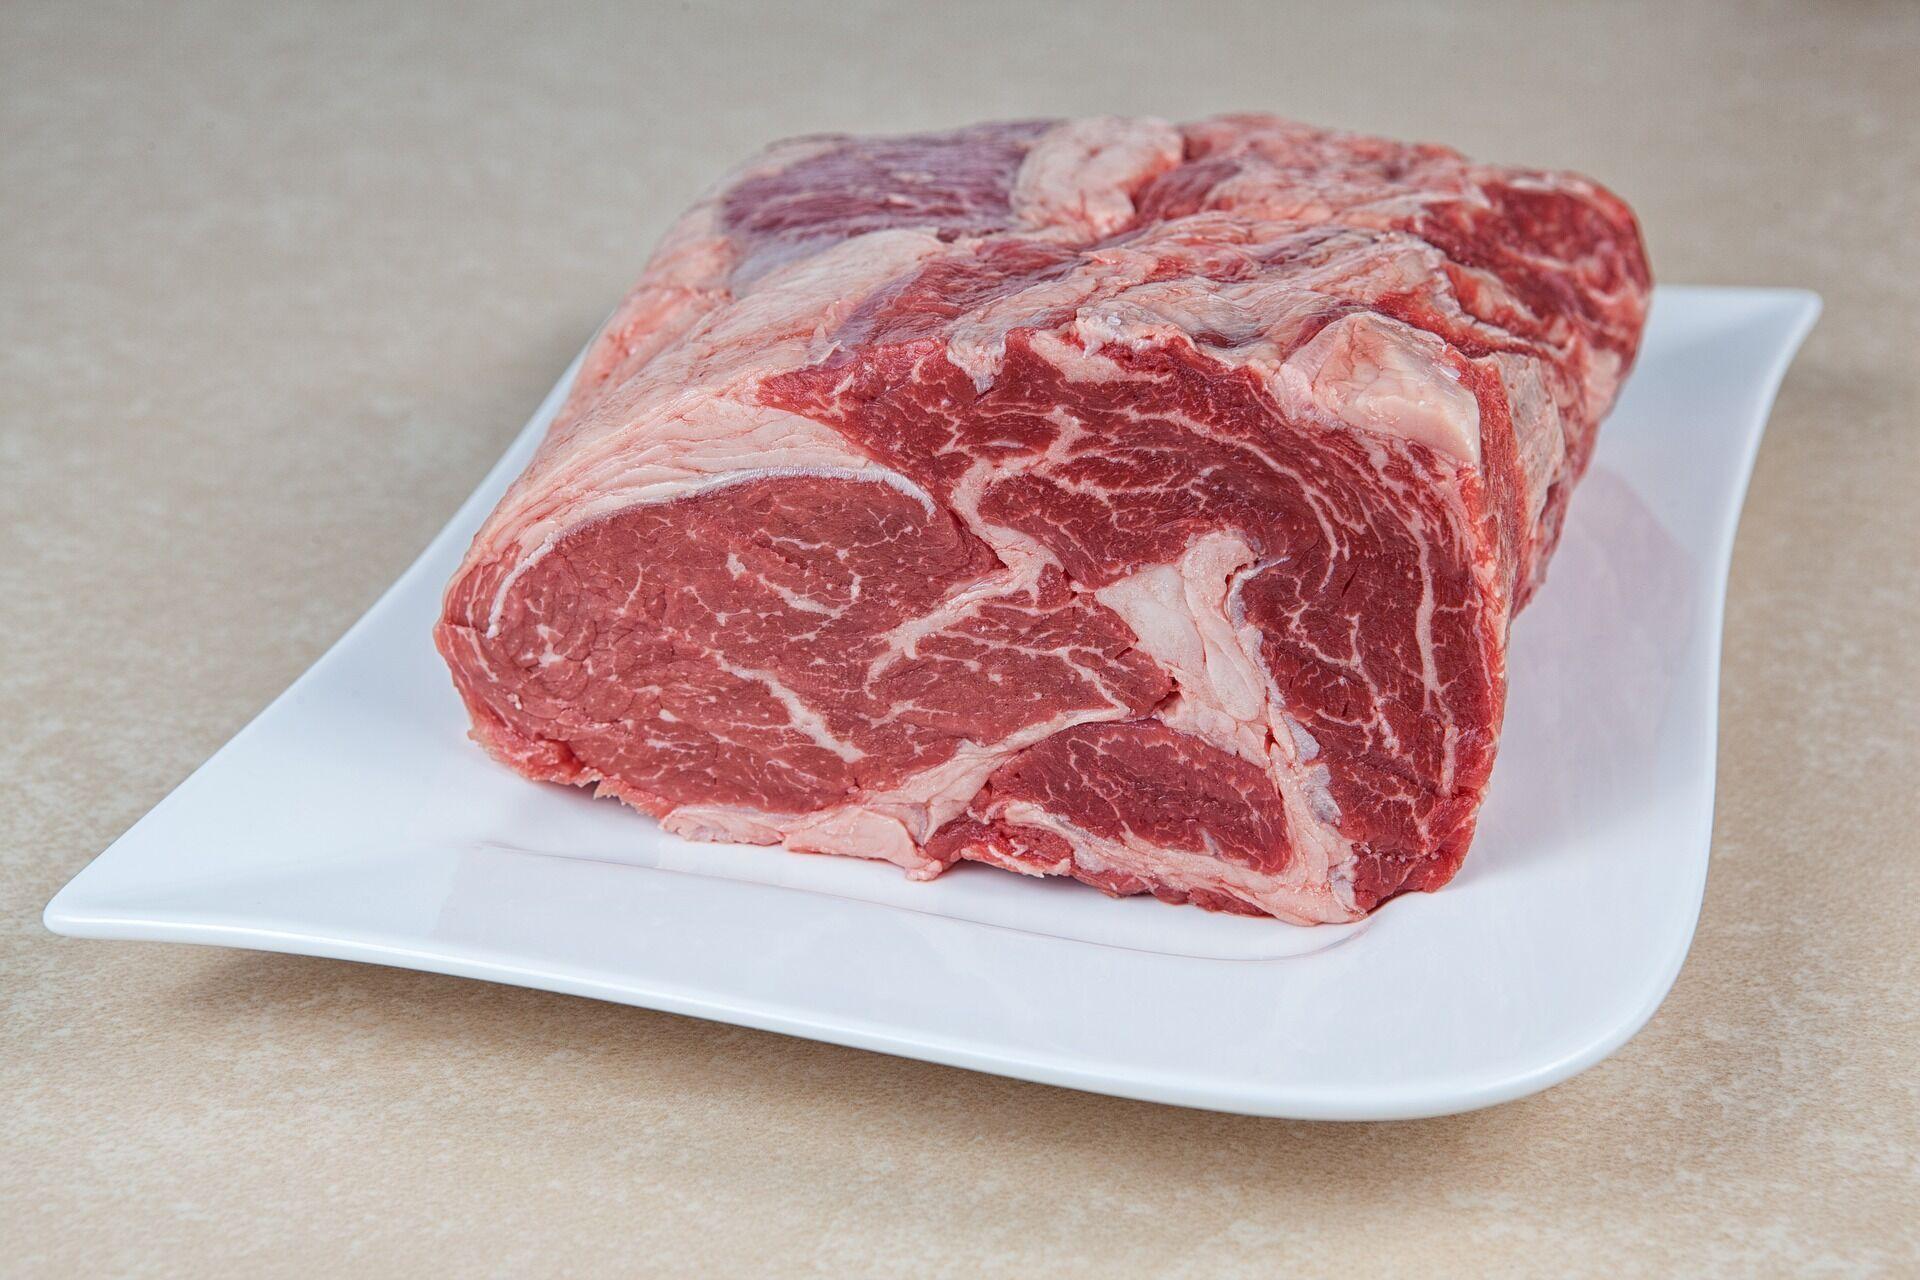 М'ясо не повинно бути темним